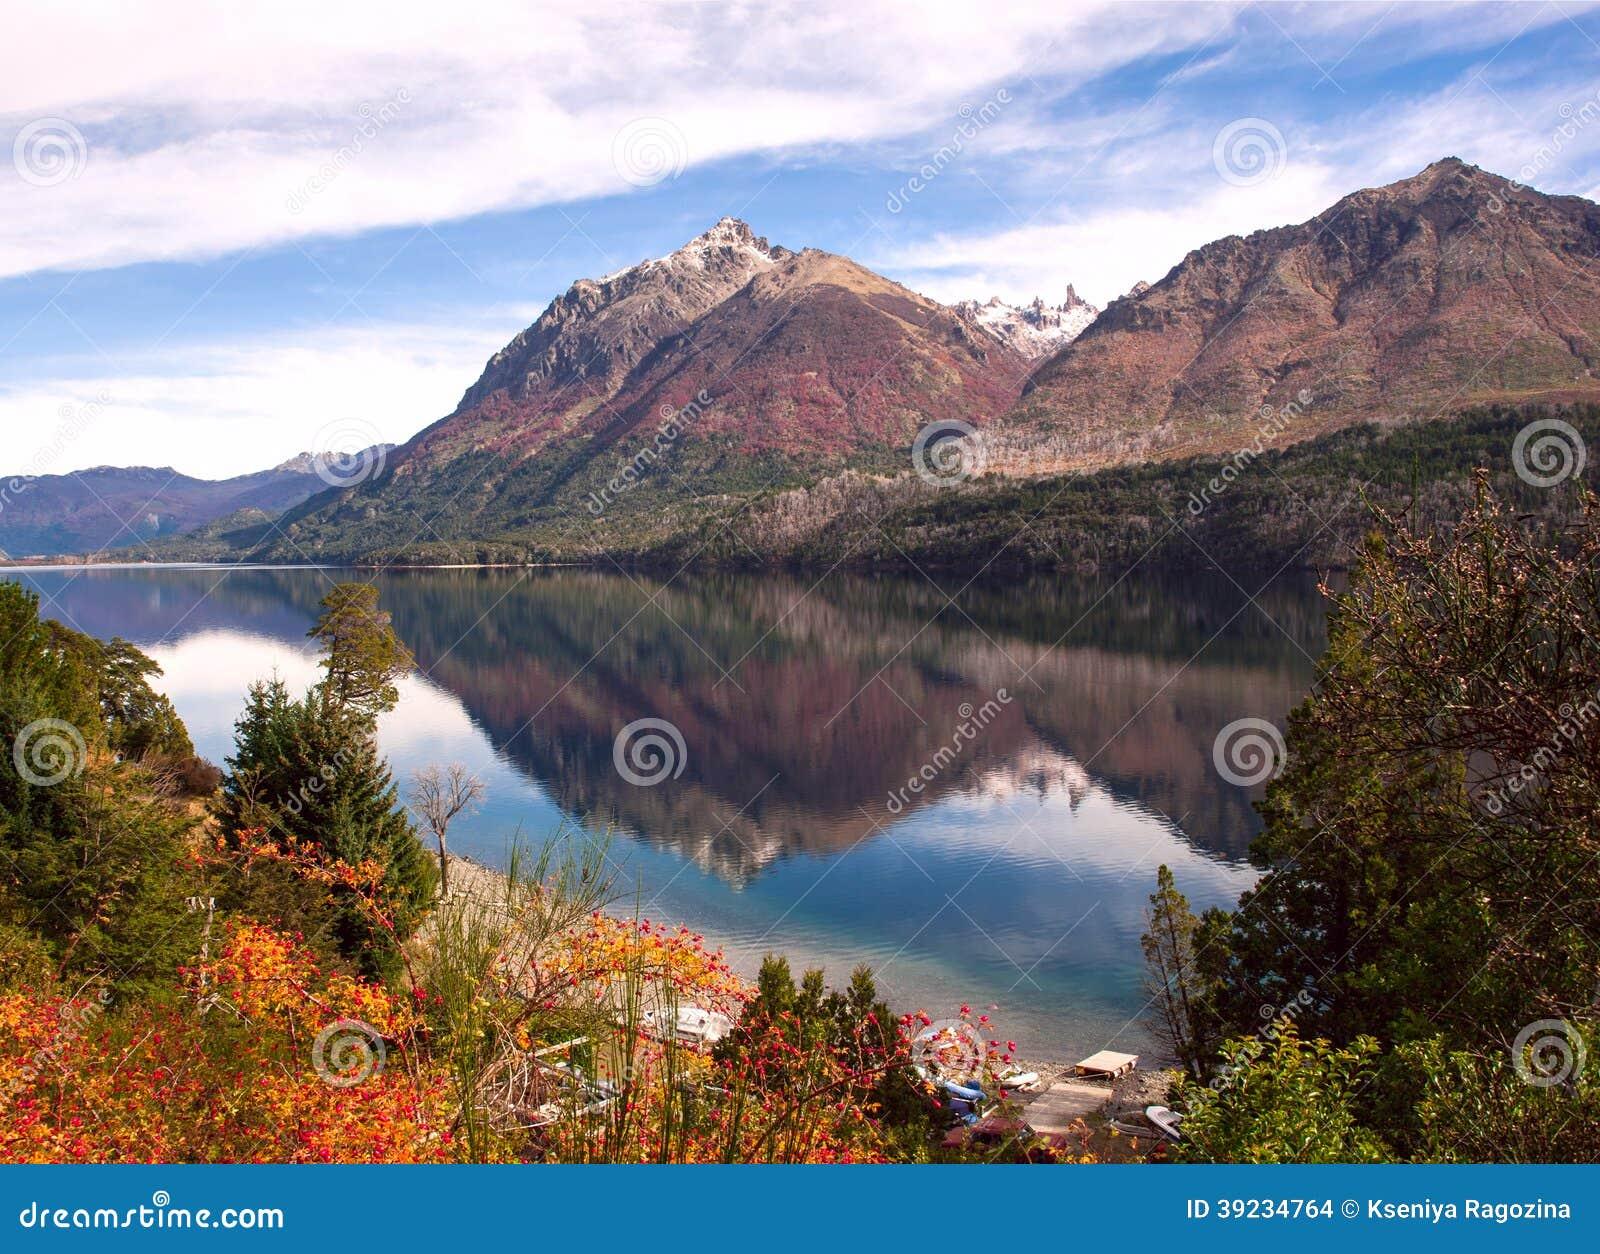 Autumn Colors in Meer Gutierrez, dichtbij Bariloche